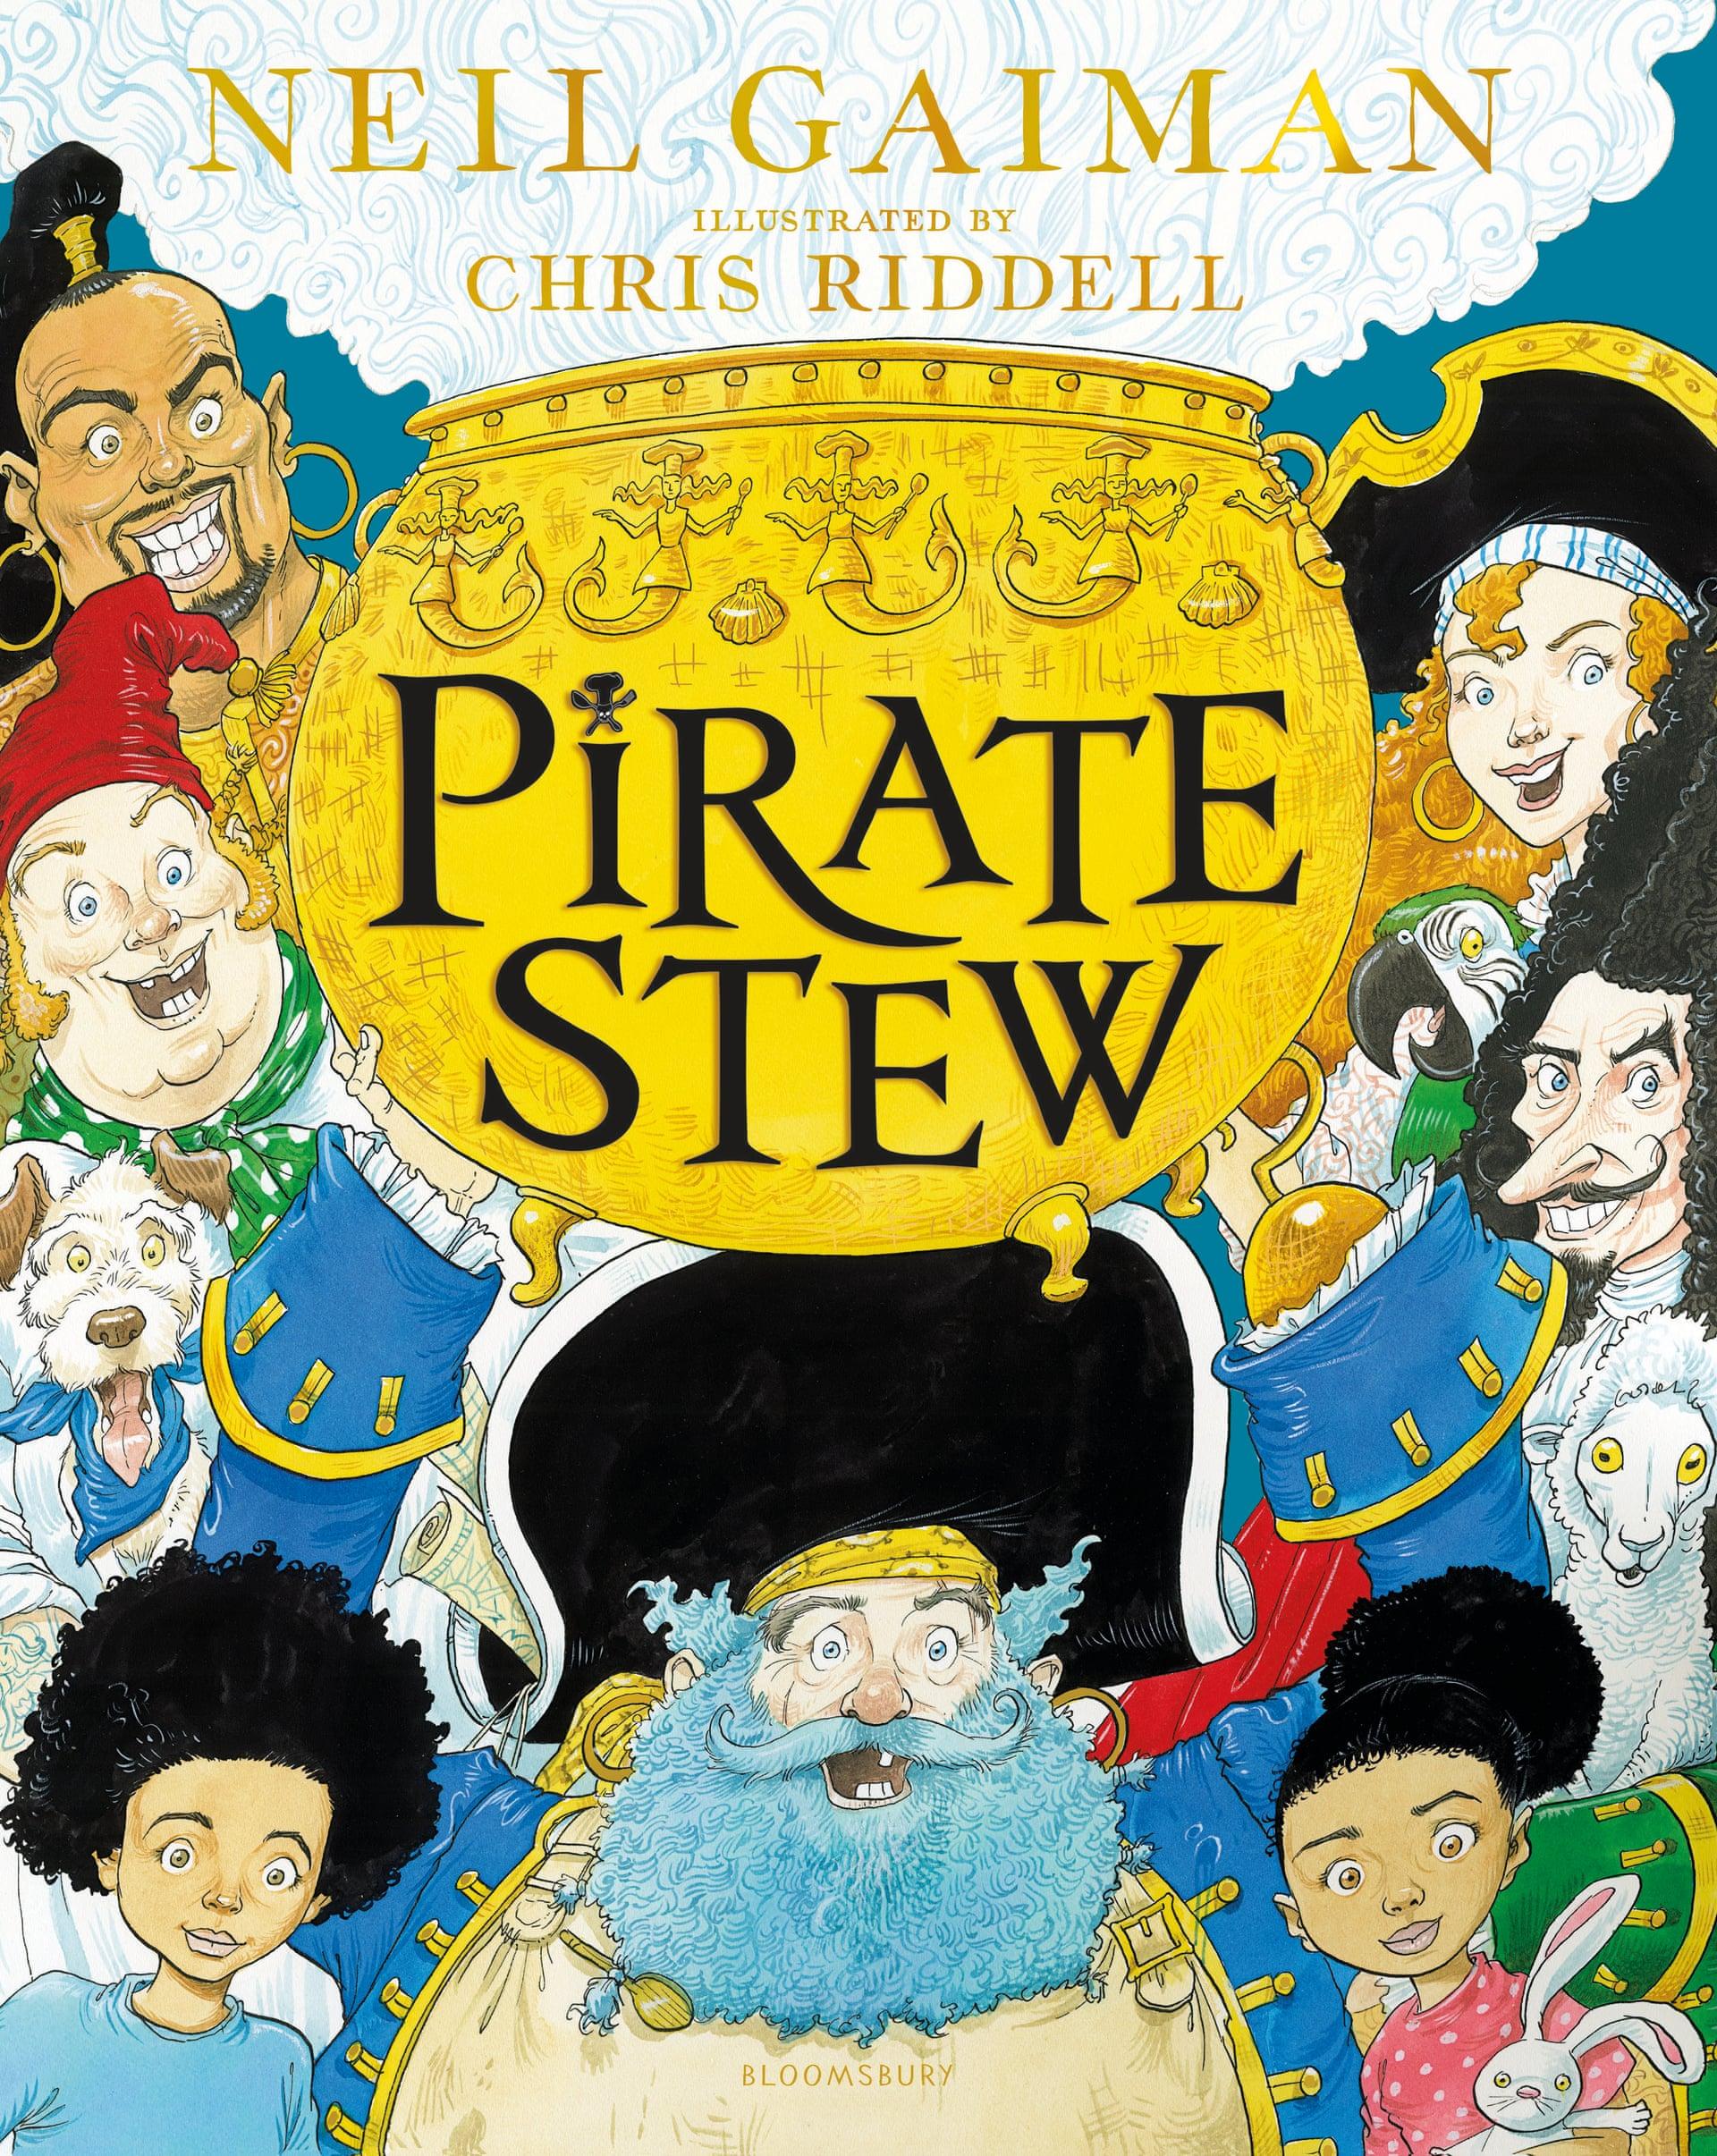 Нил Гейман и иллюстратор Крис Риддел выпустят книгу о пиратах и кулинарии Pirate Stew 6